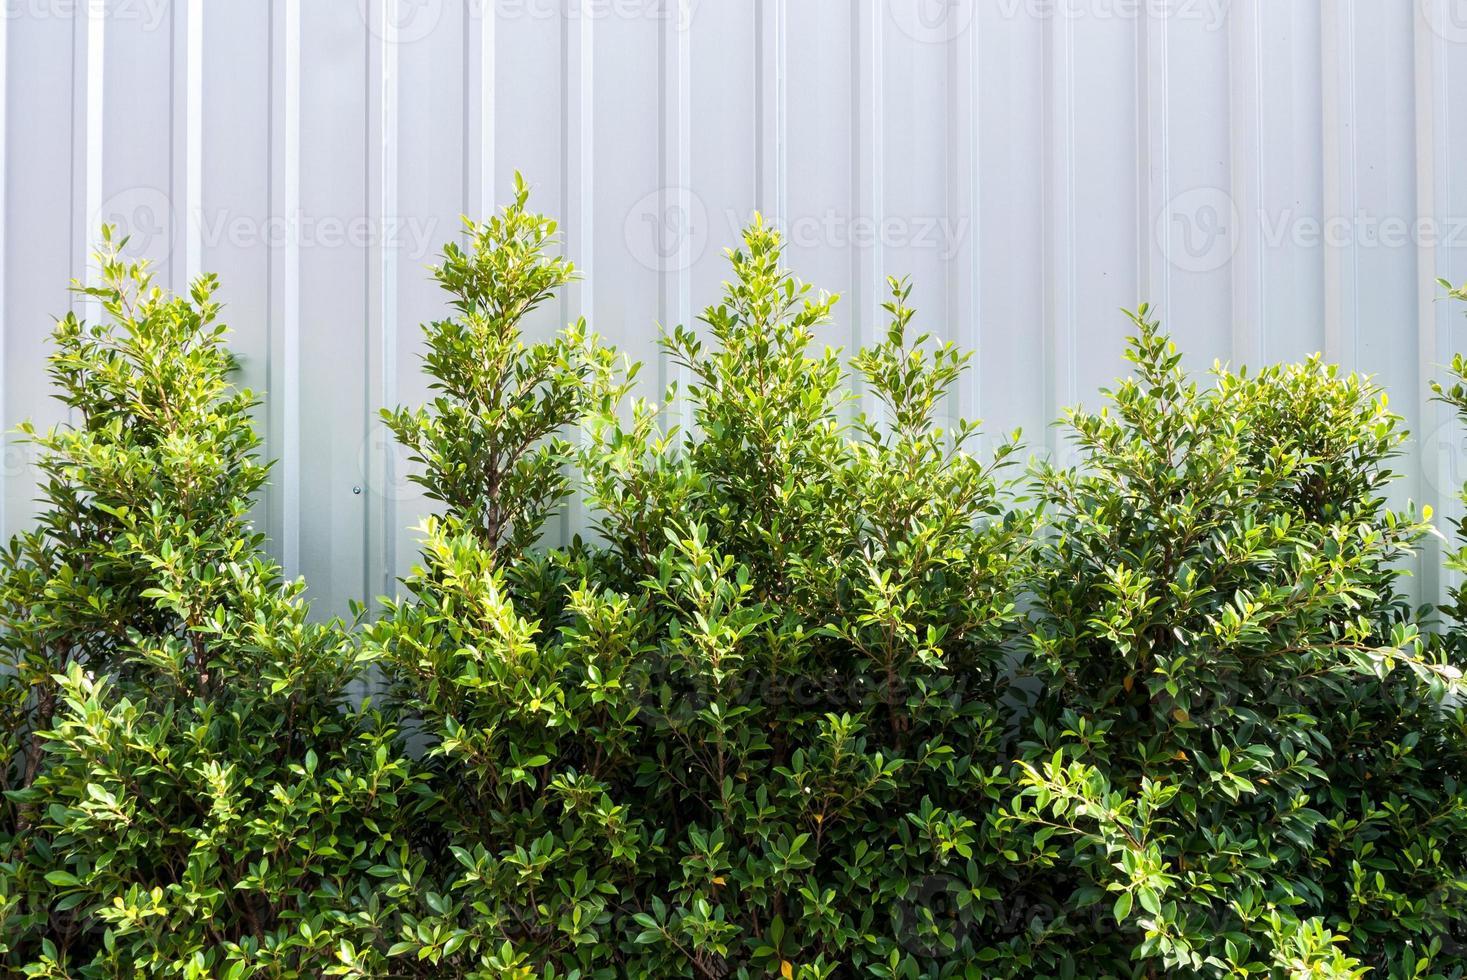 árvore em fundo branco foto